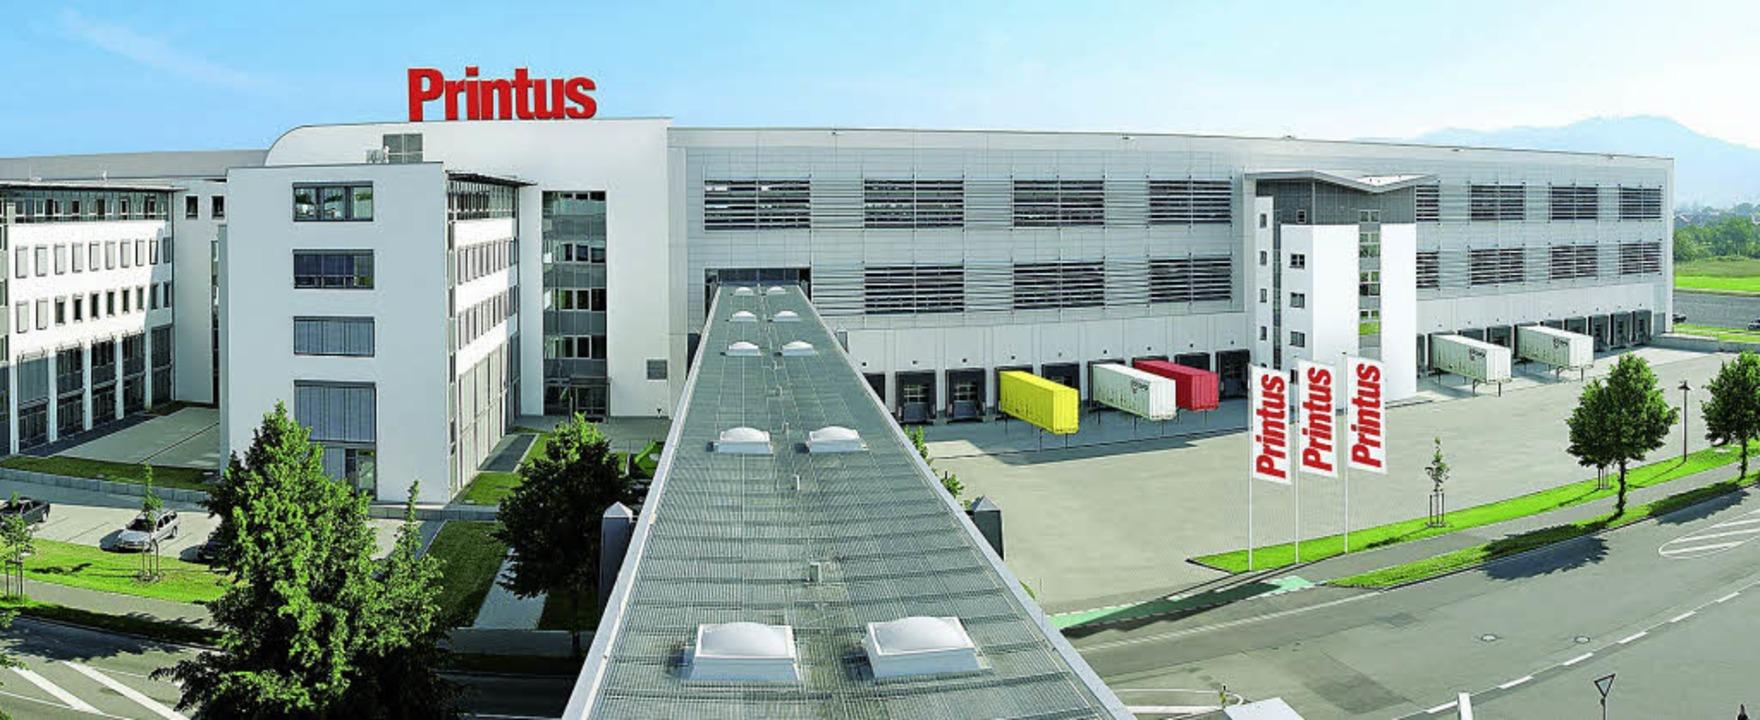 Printus Firmengelände Elgersweier  | Foto: Printus